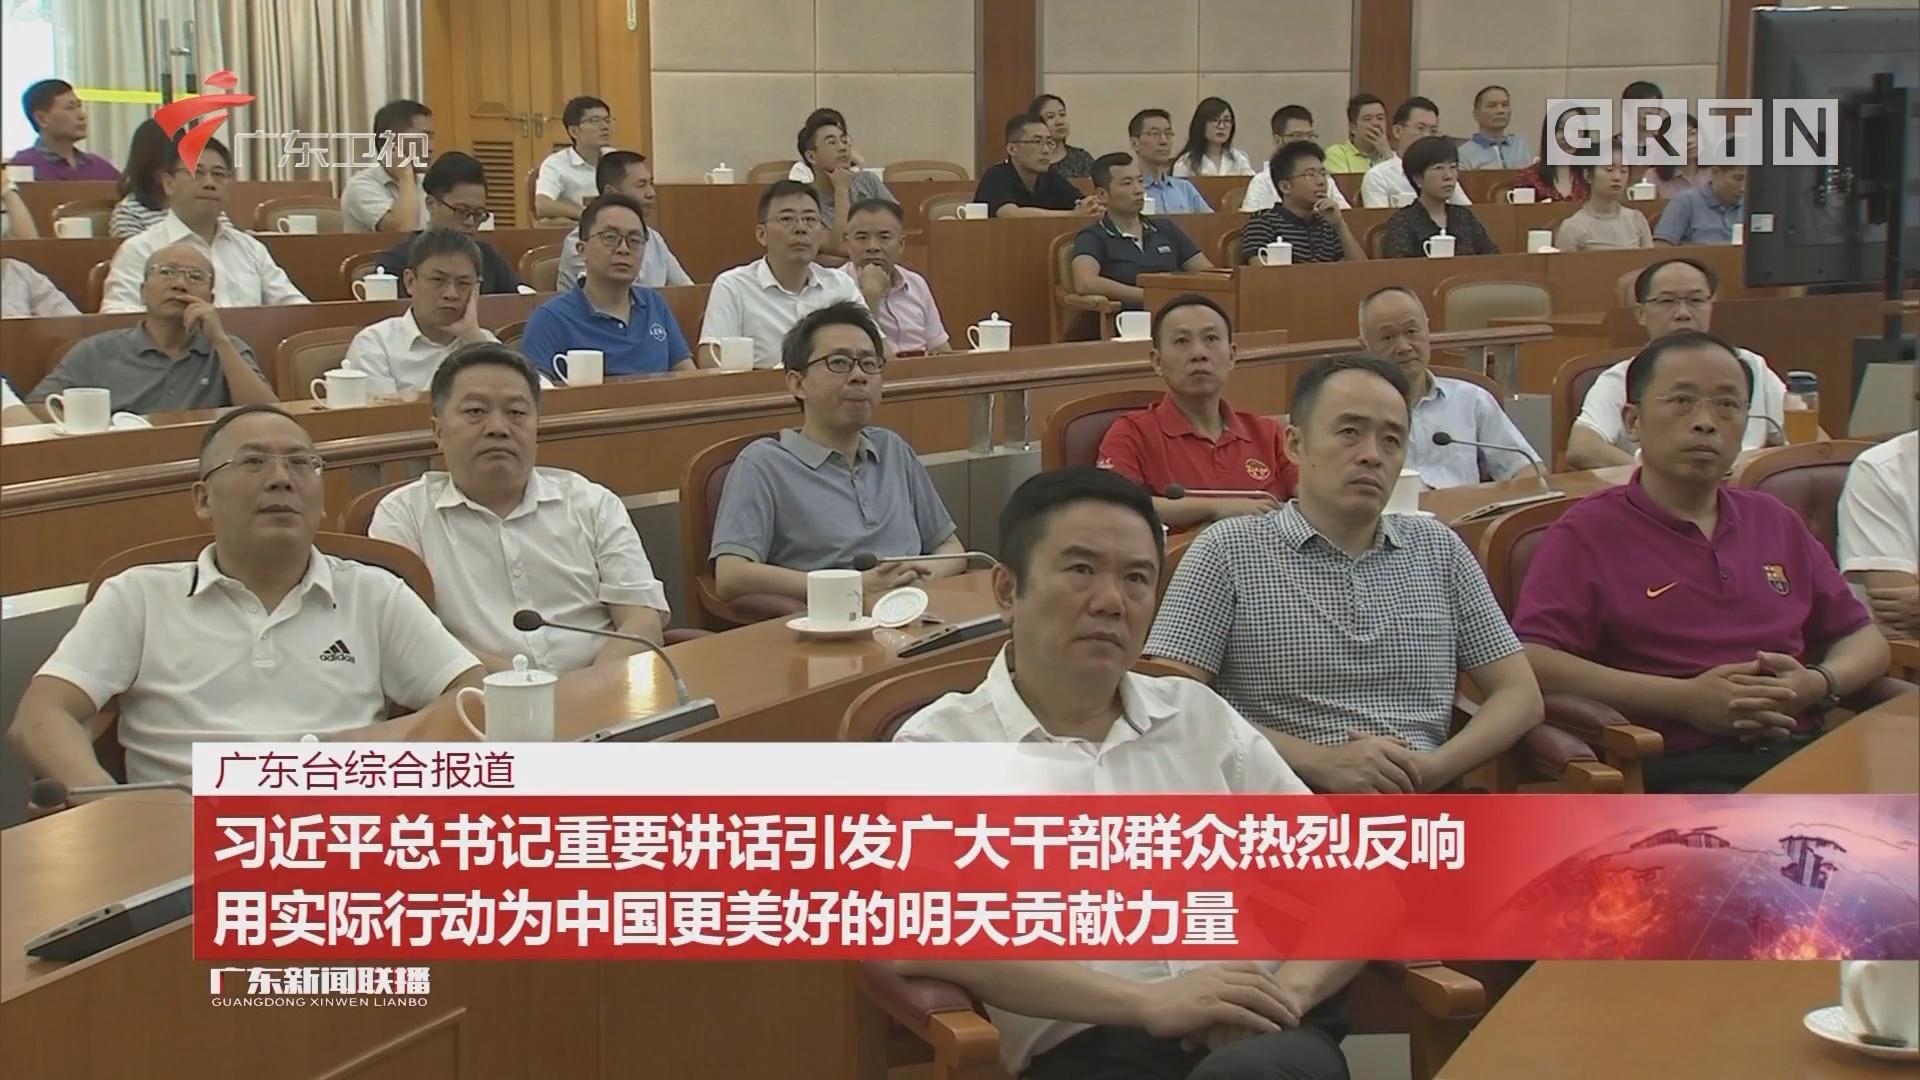 习近平总书记重要讲话引发广大干部群众热烈反响 用实际行动为中国更美好的明天贡献力量